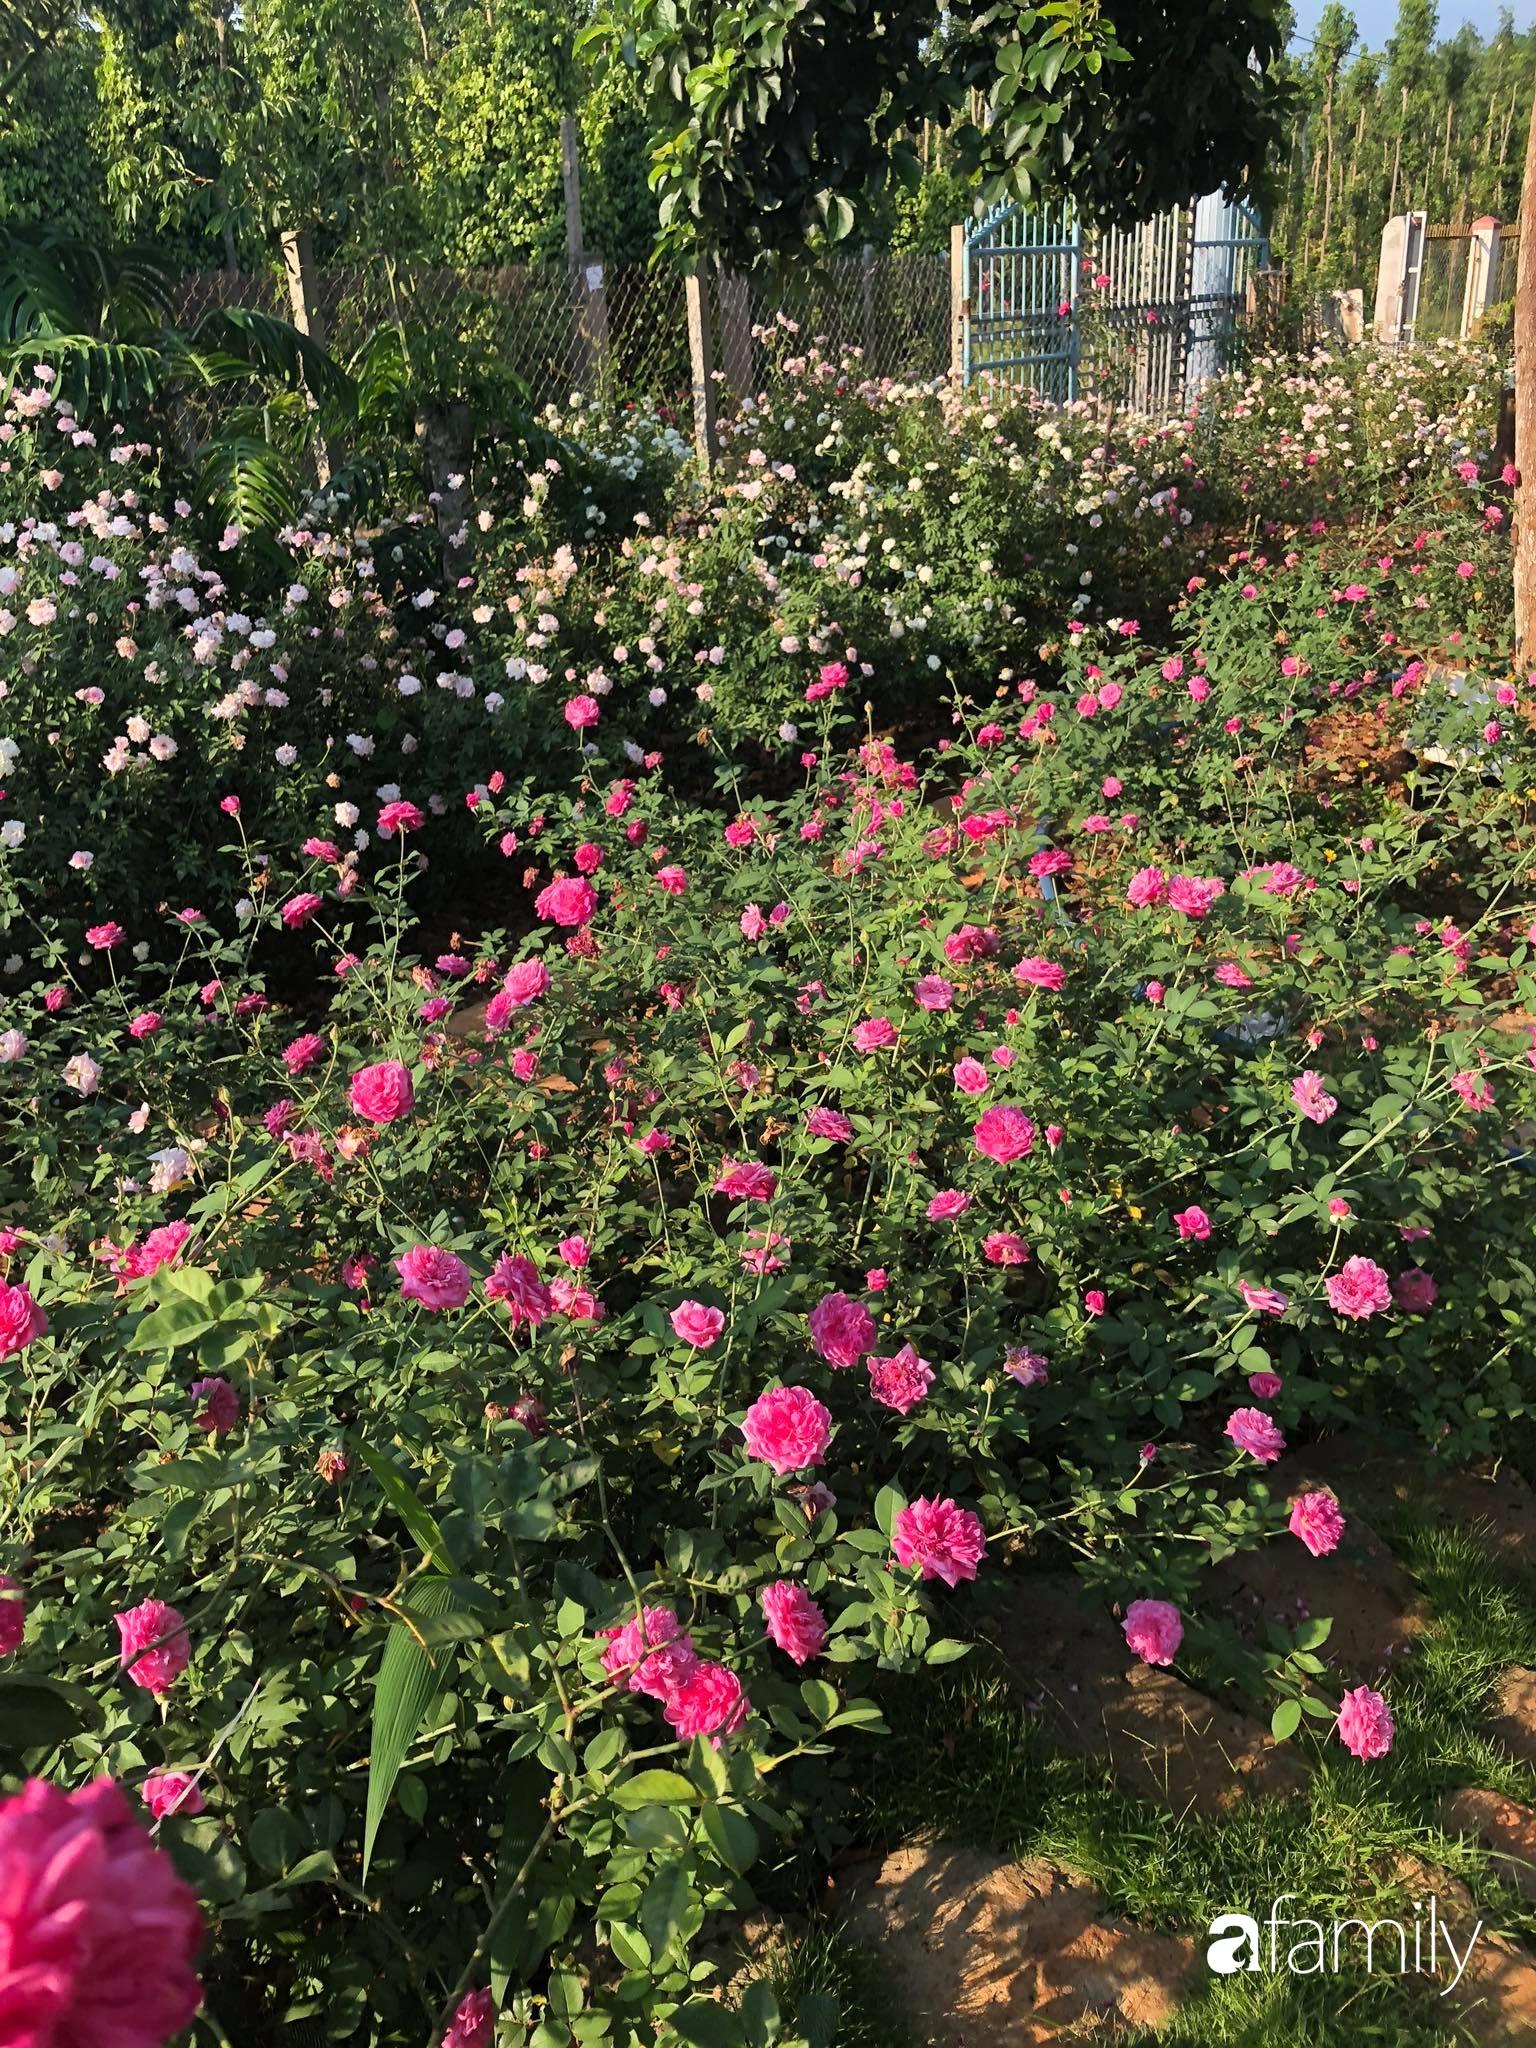 Khu vườn hoa hồng đẹp như cổ tích mà người chồng ngày đêm chăm sóc để tặng vợ con ở Vũng Tàu-6